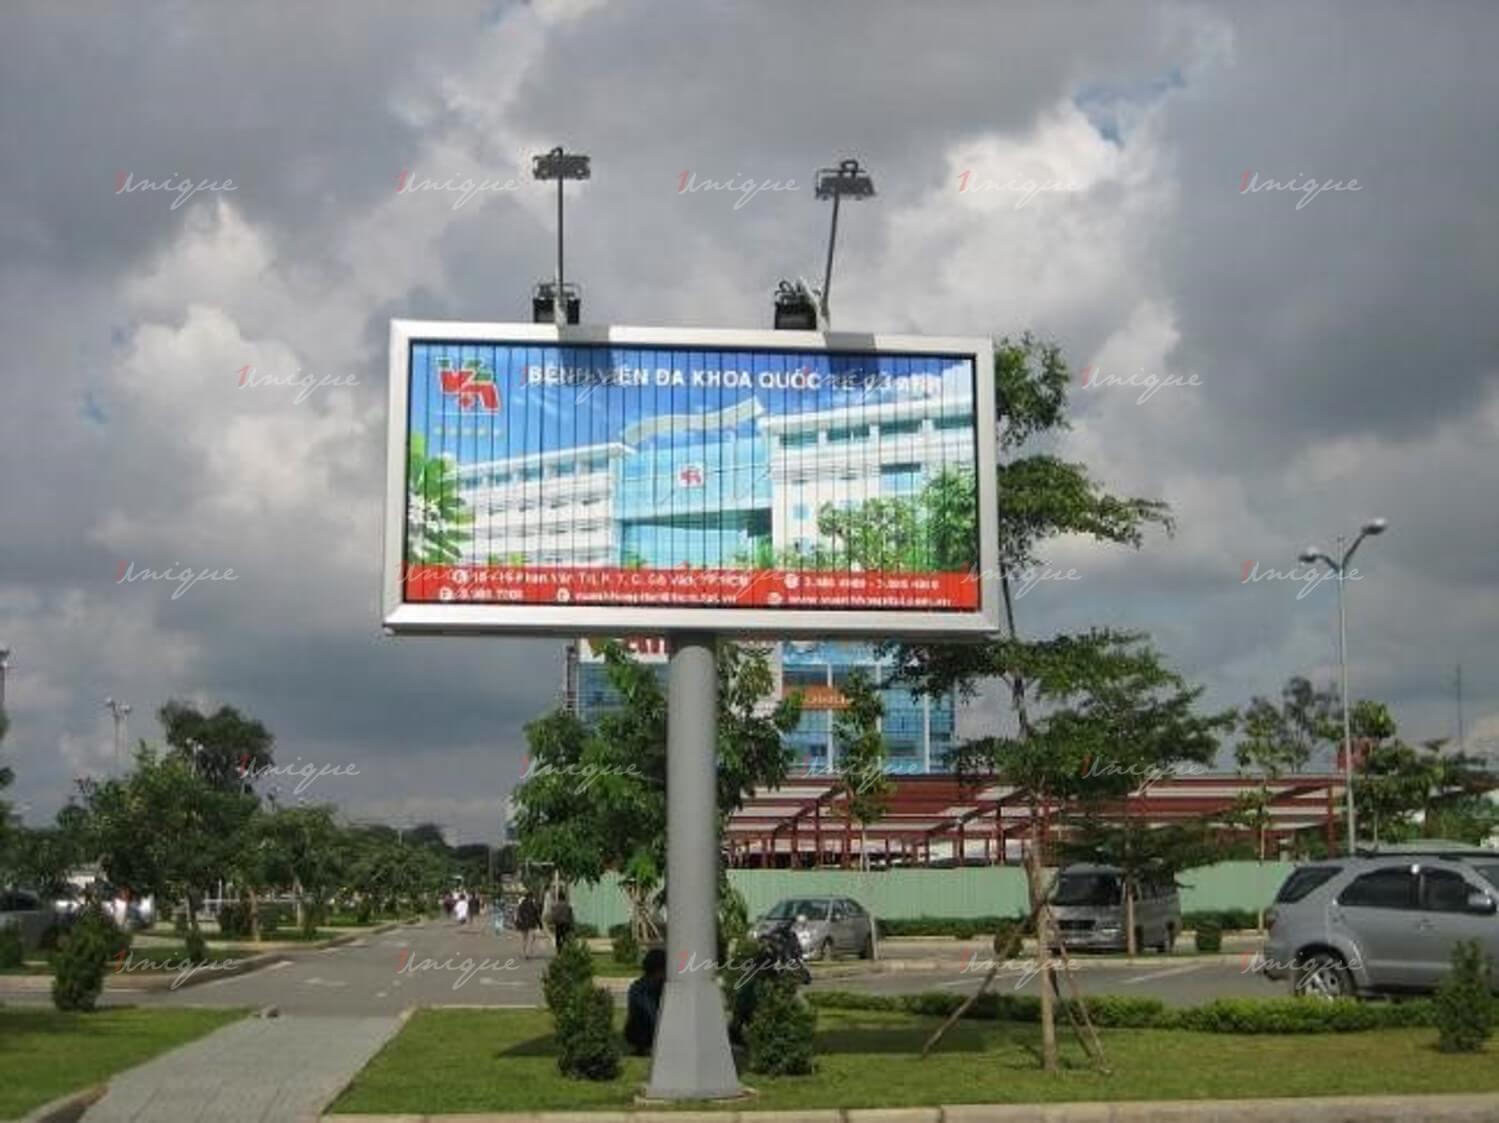 biển quảng cáo lật 3 mặt trivision billboard